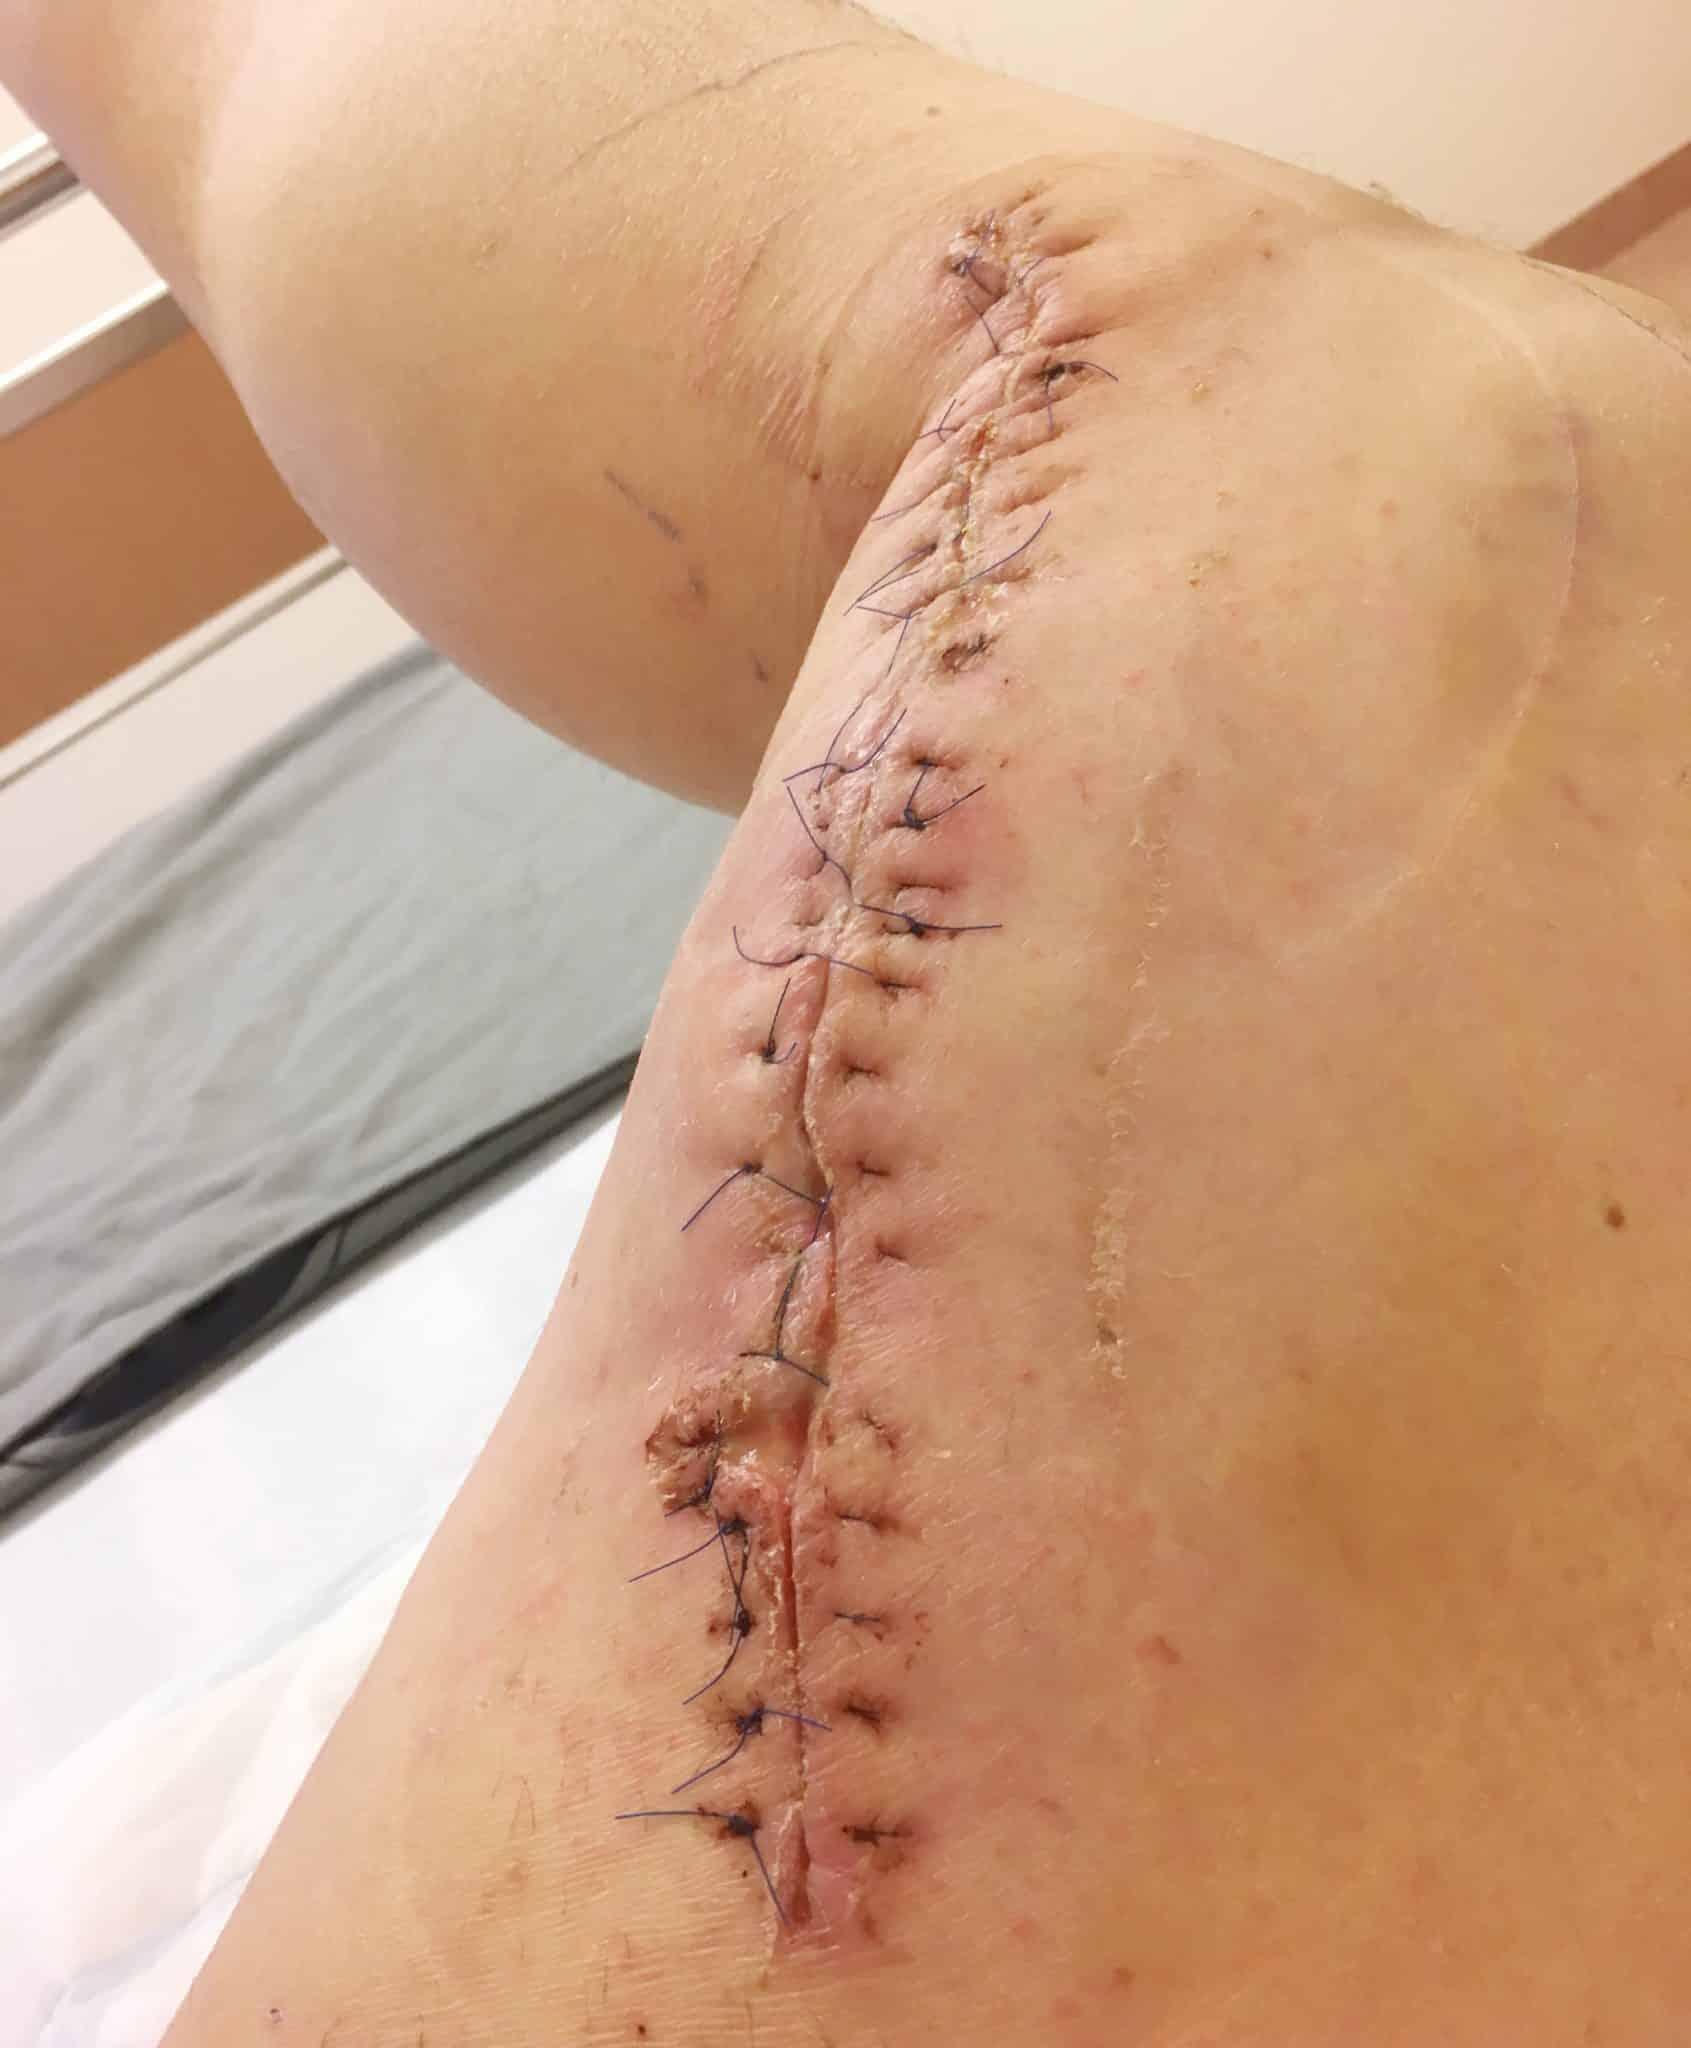 Beten gick in under knäet och sprättade upp nästan till ljumsken. Såret i det andra benet var lika djupt men mer cirkelformat. Utan jaktkamraternas snabba ingripande är Anders Ahlqvist säker på att han inte hade överlevt. Foto: Privat